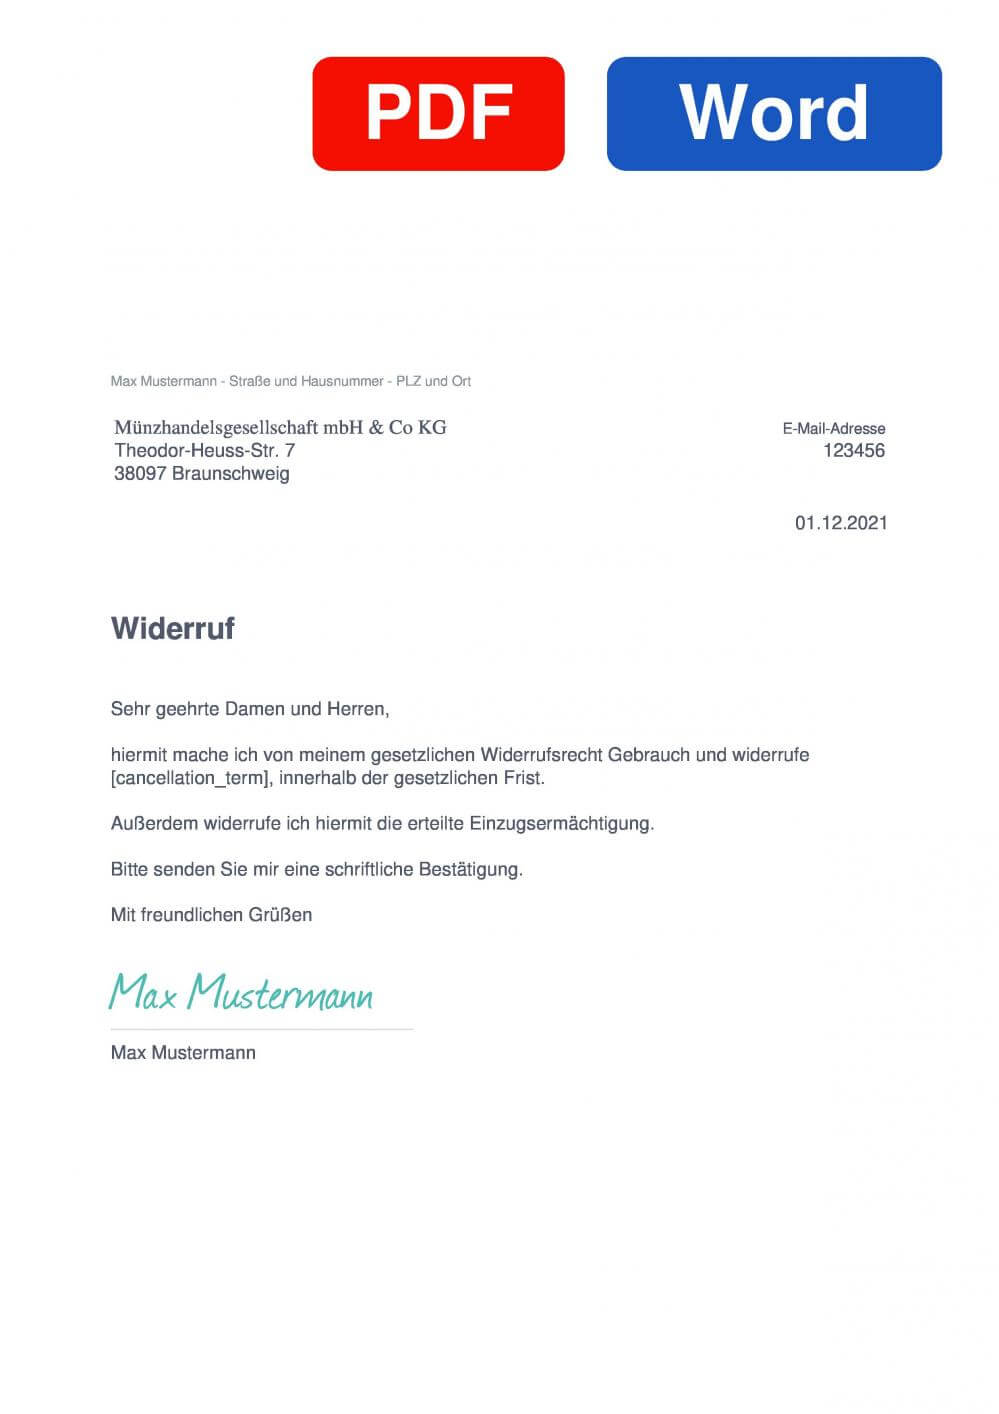 MDM Muster Vorlage für Wiederrufsschreiben